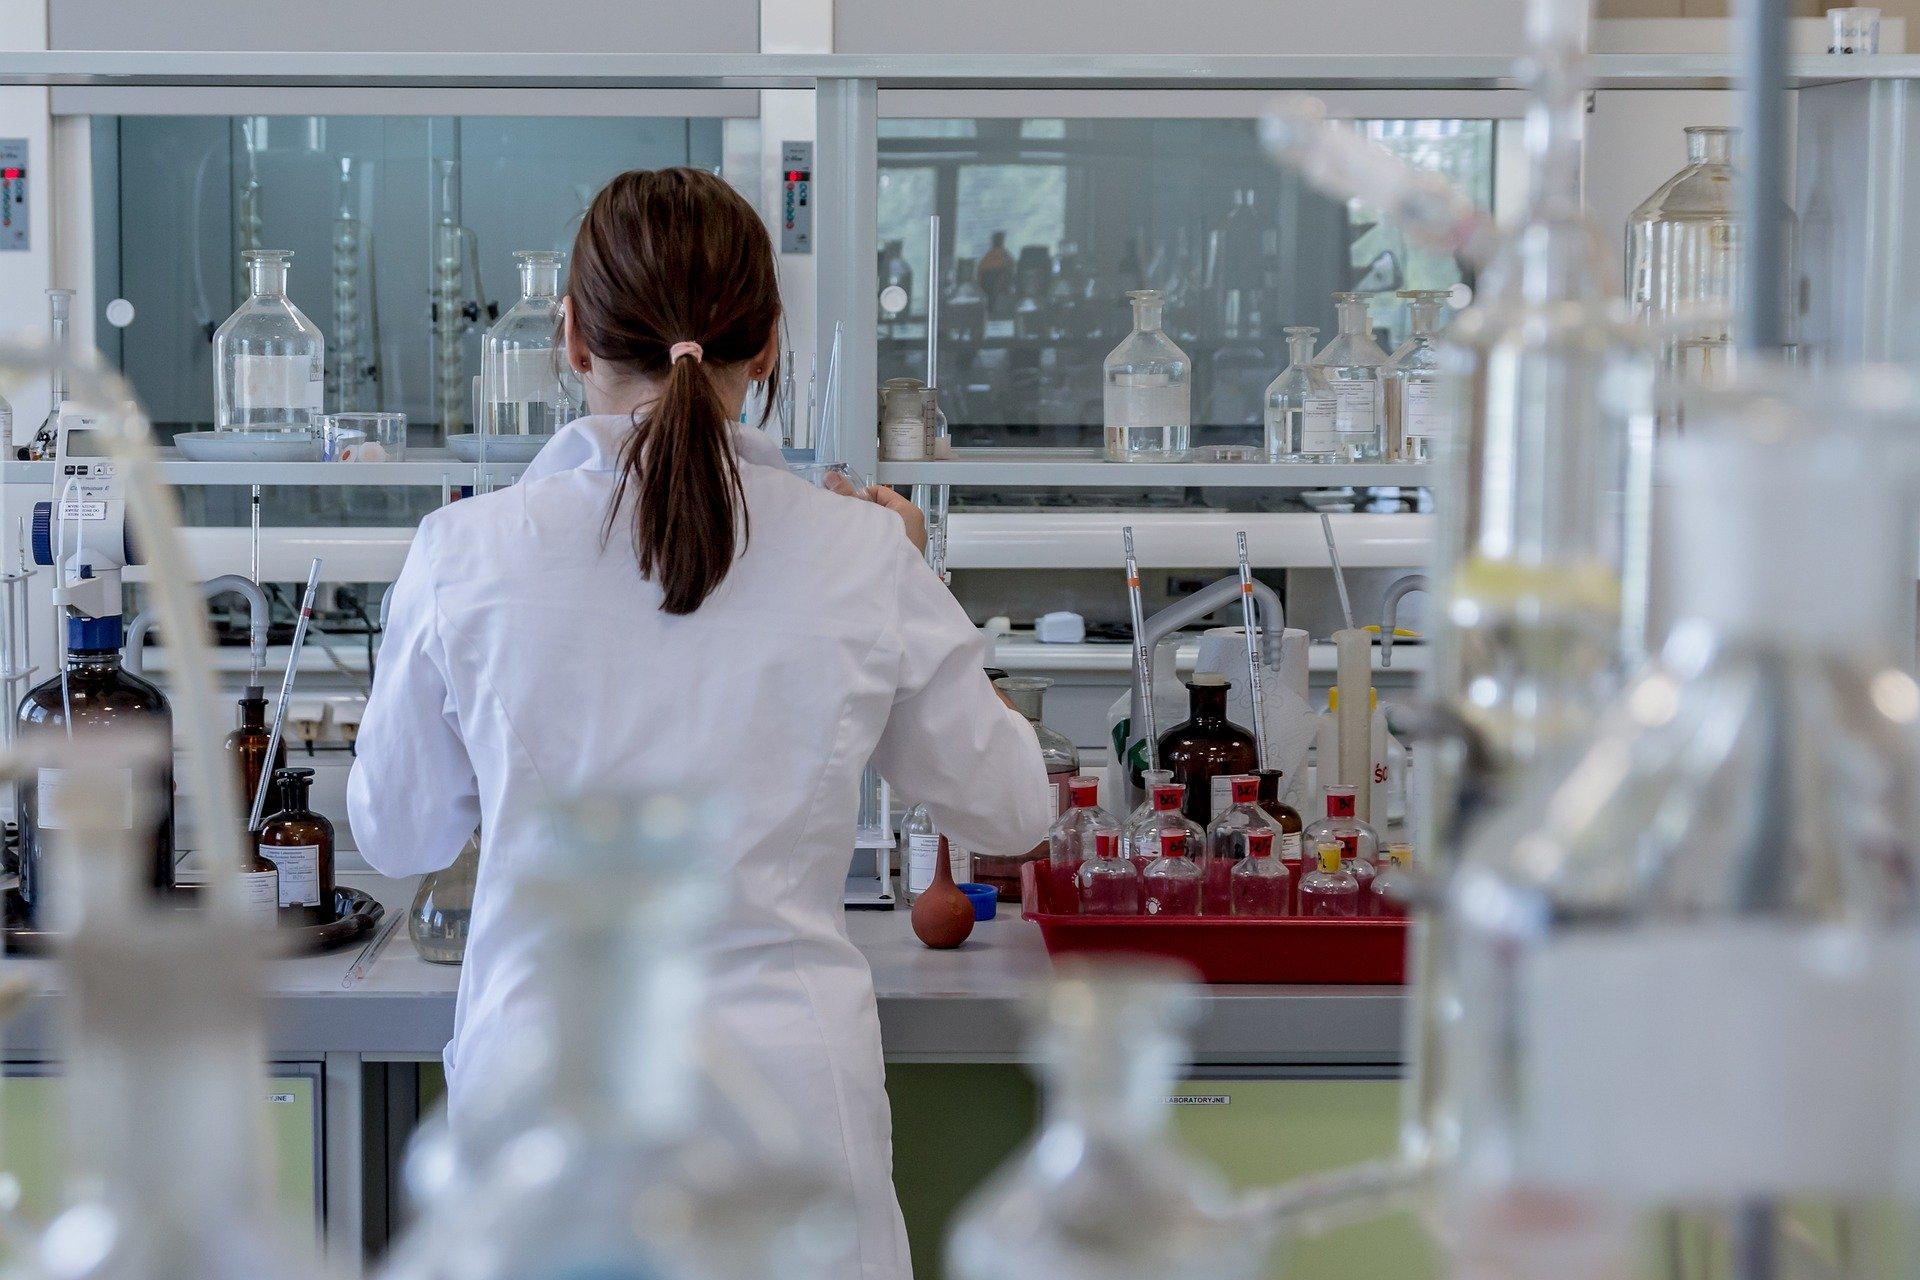 laboratorio-pruebas